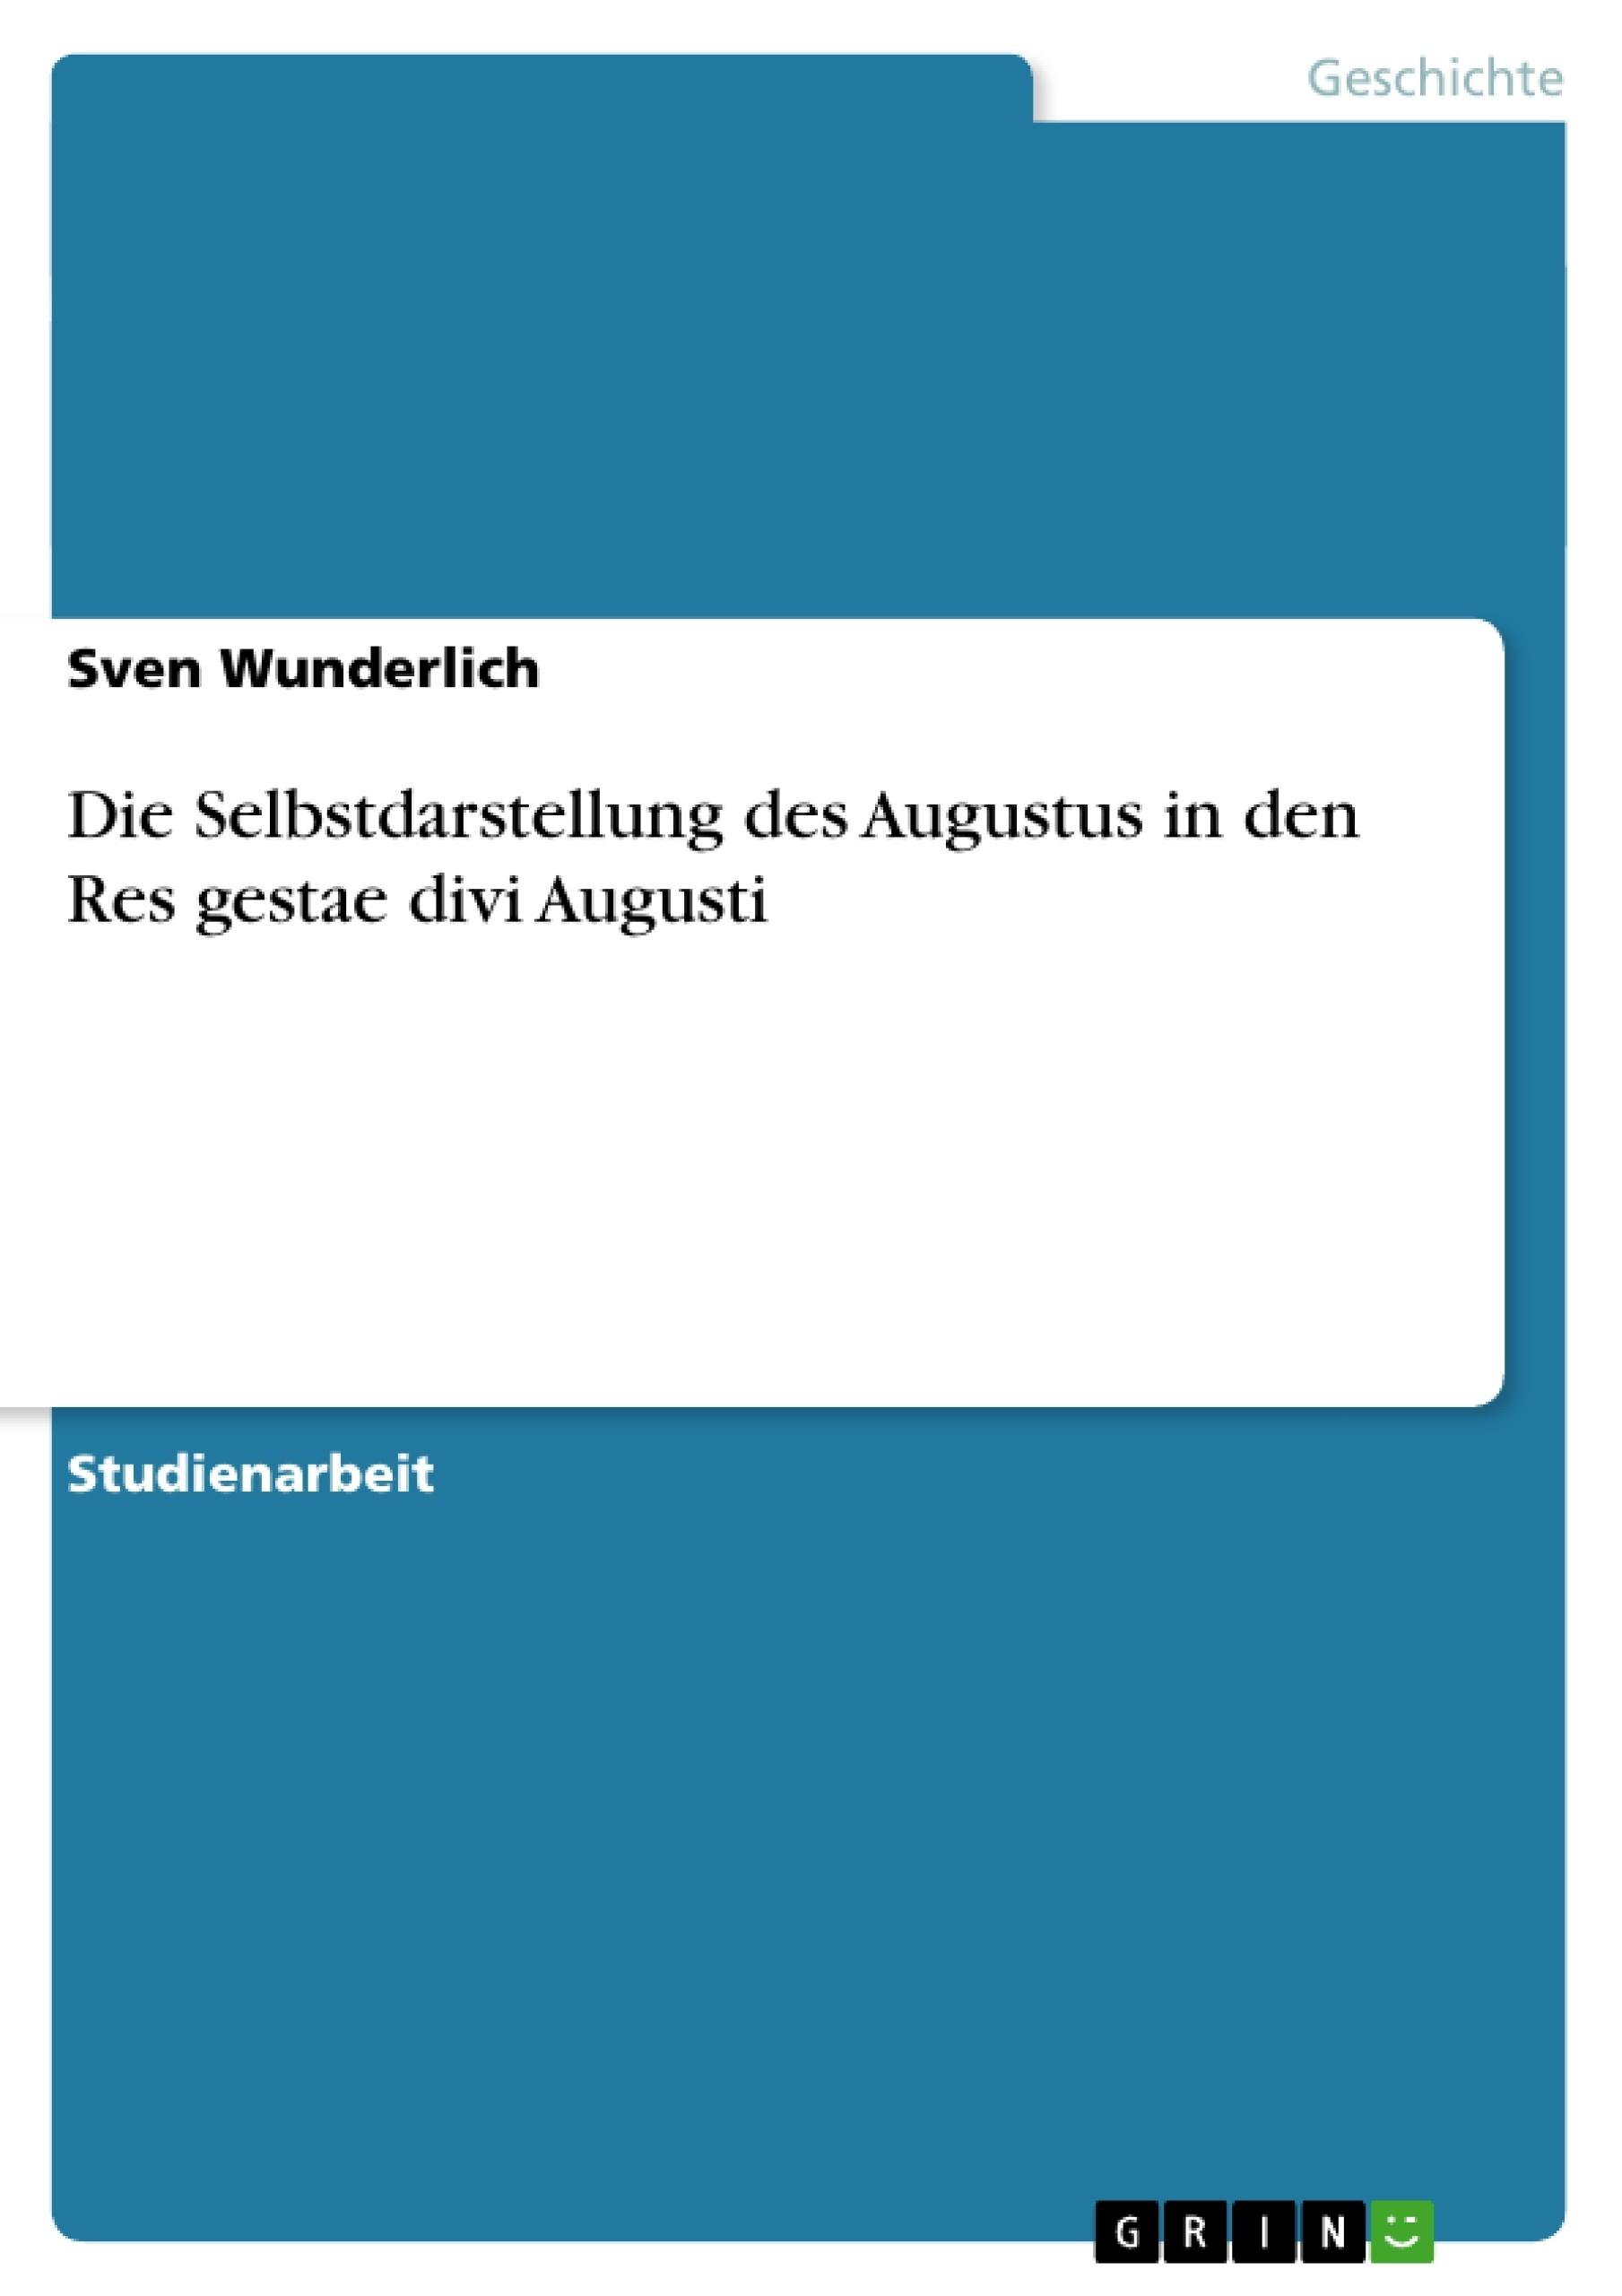 Titel: Die Selbstdarstellung des Augustus in den Res gestae divi Augusti